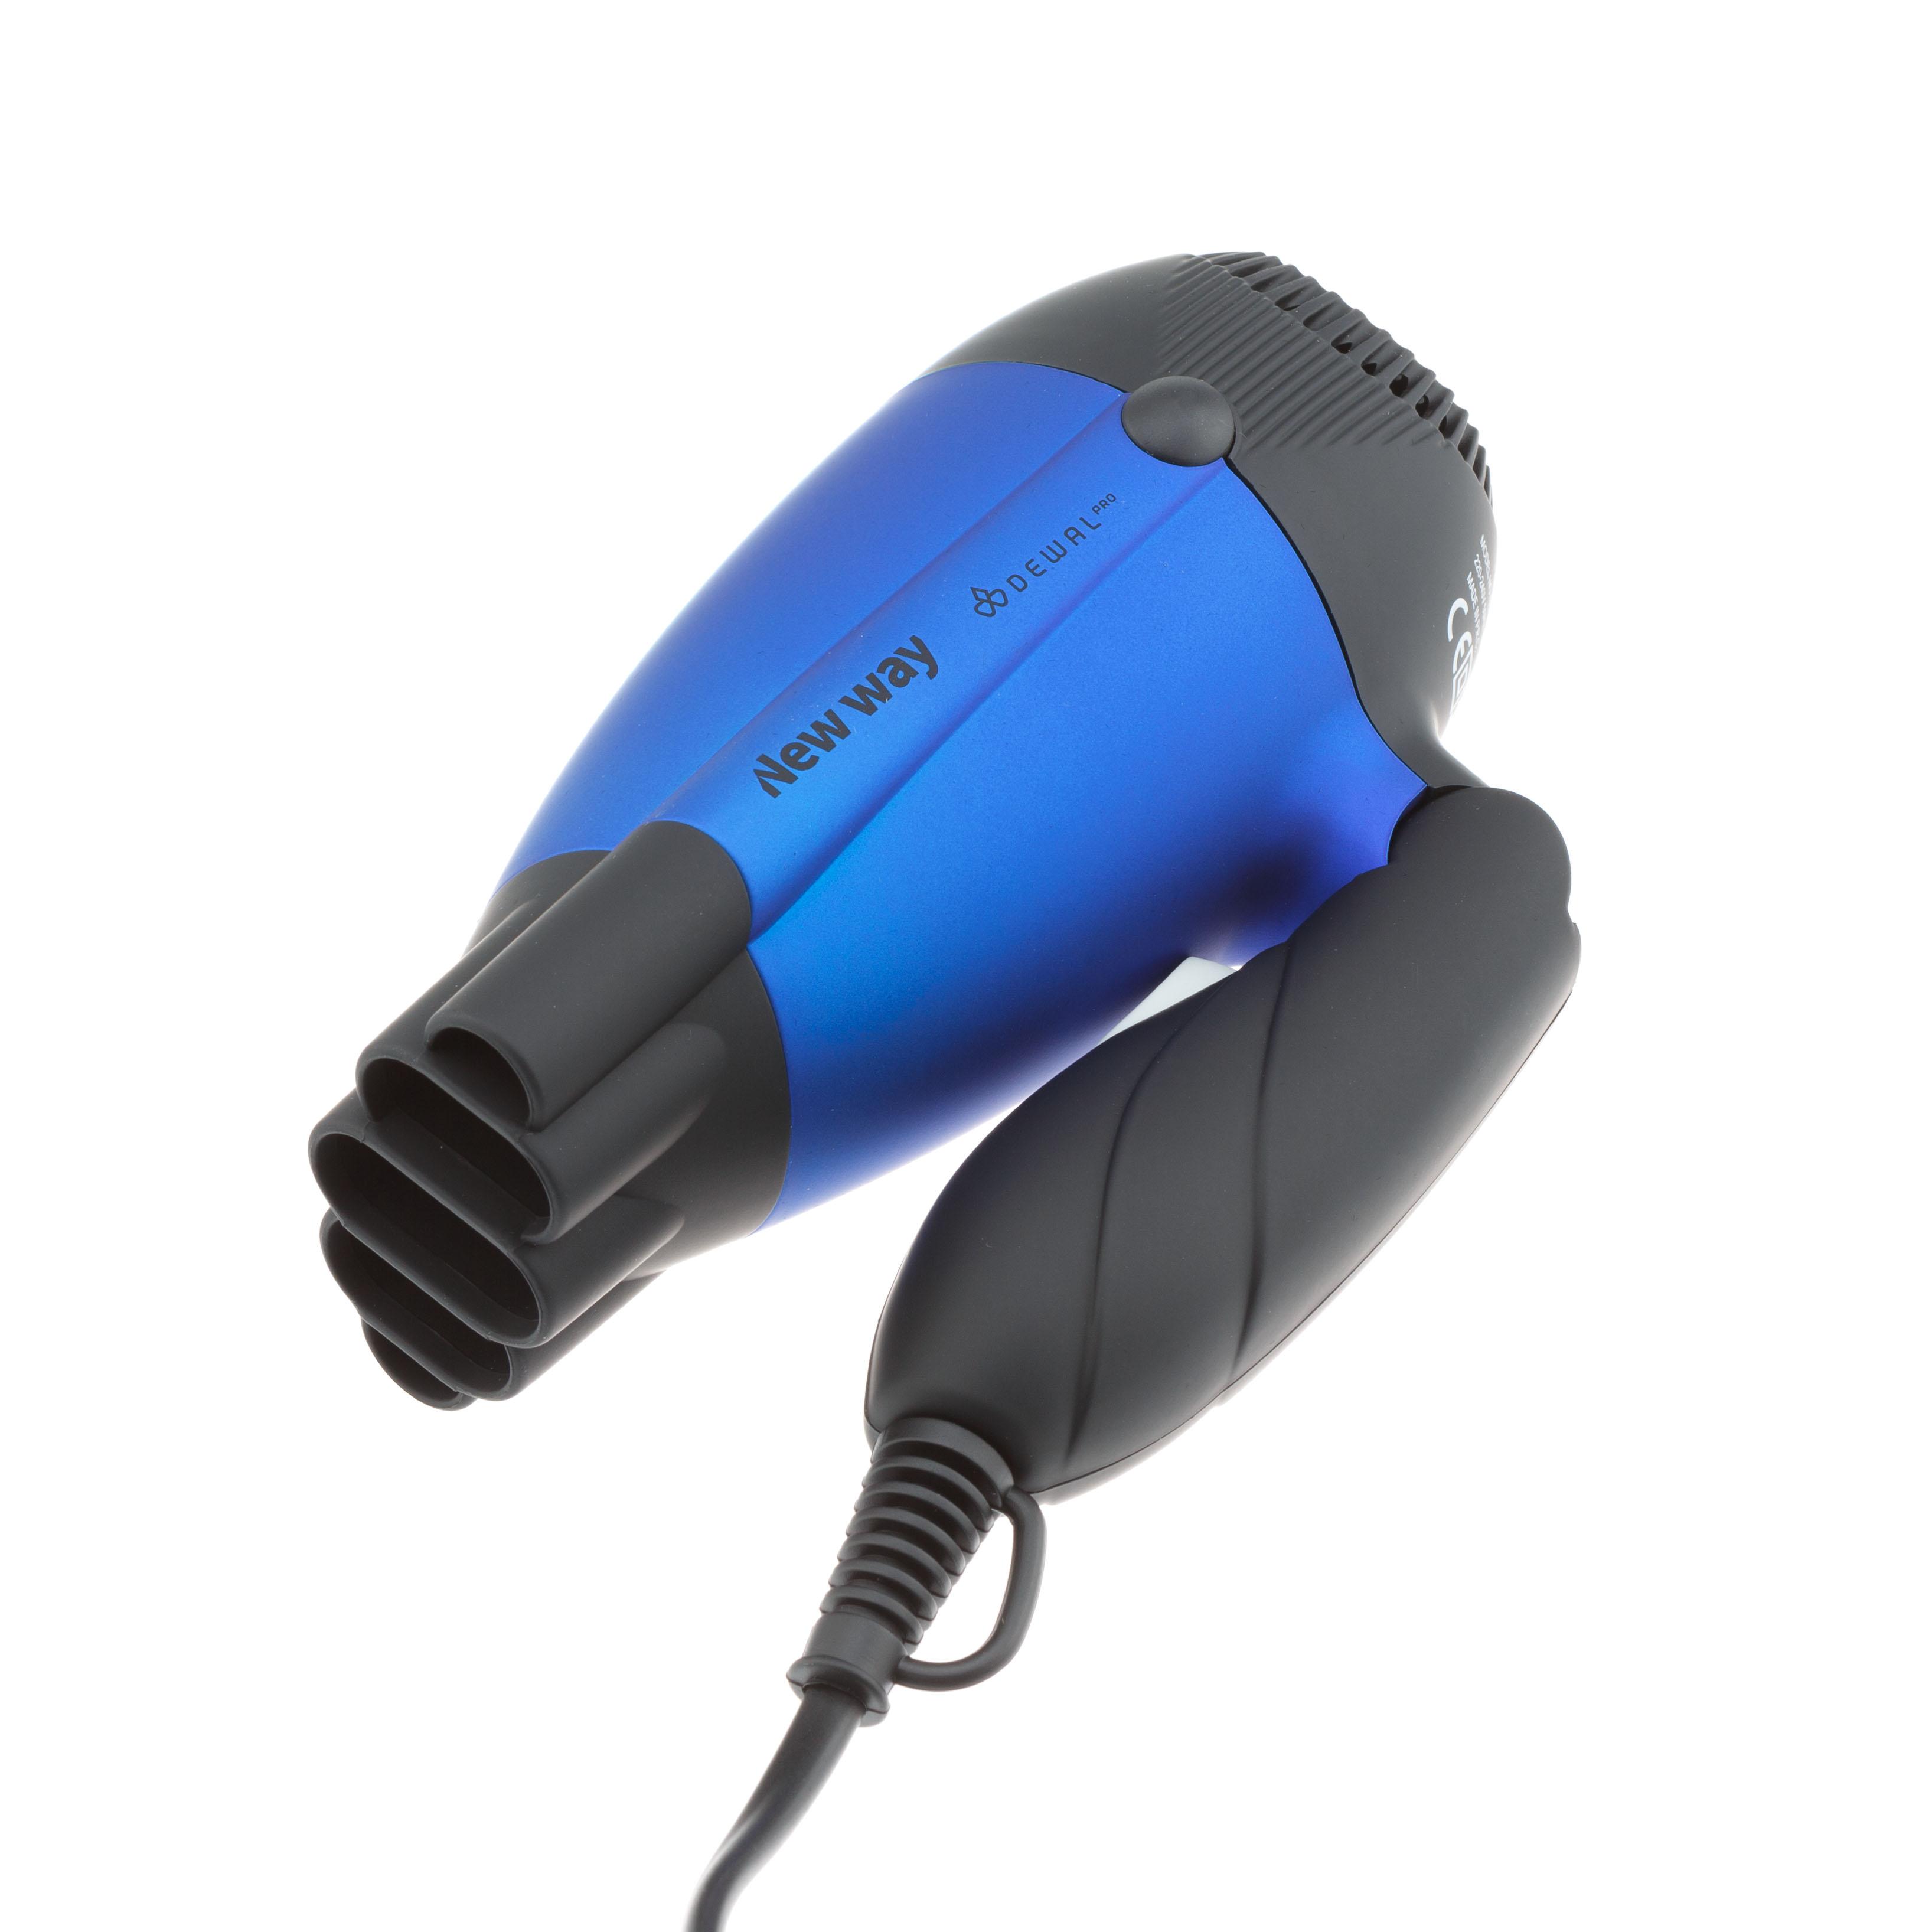 Купить Фен New Way DEWAL, 03-5512 Blue, Синий